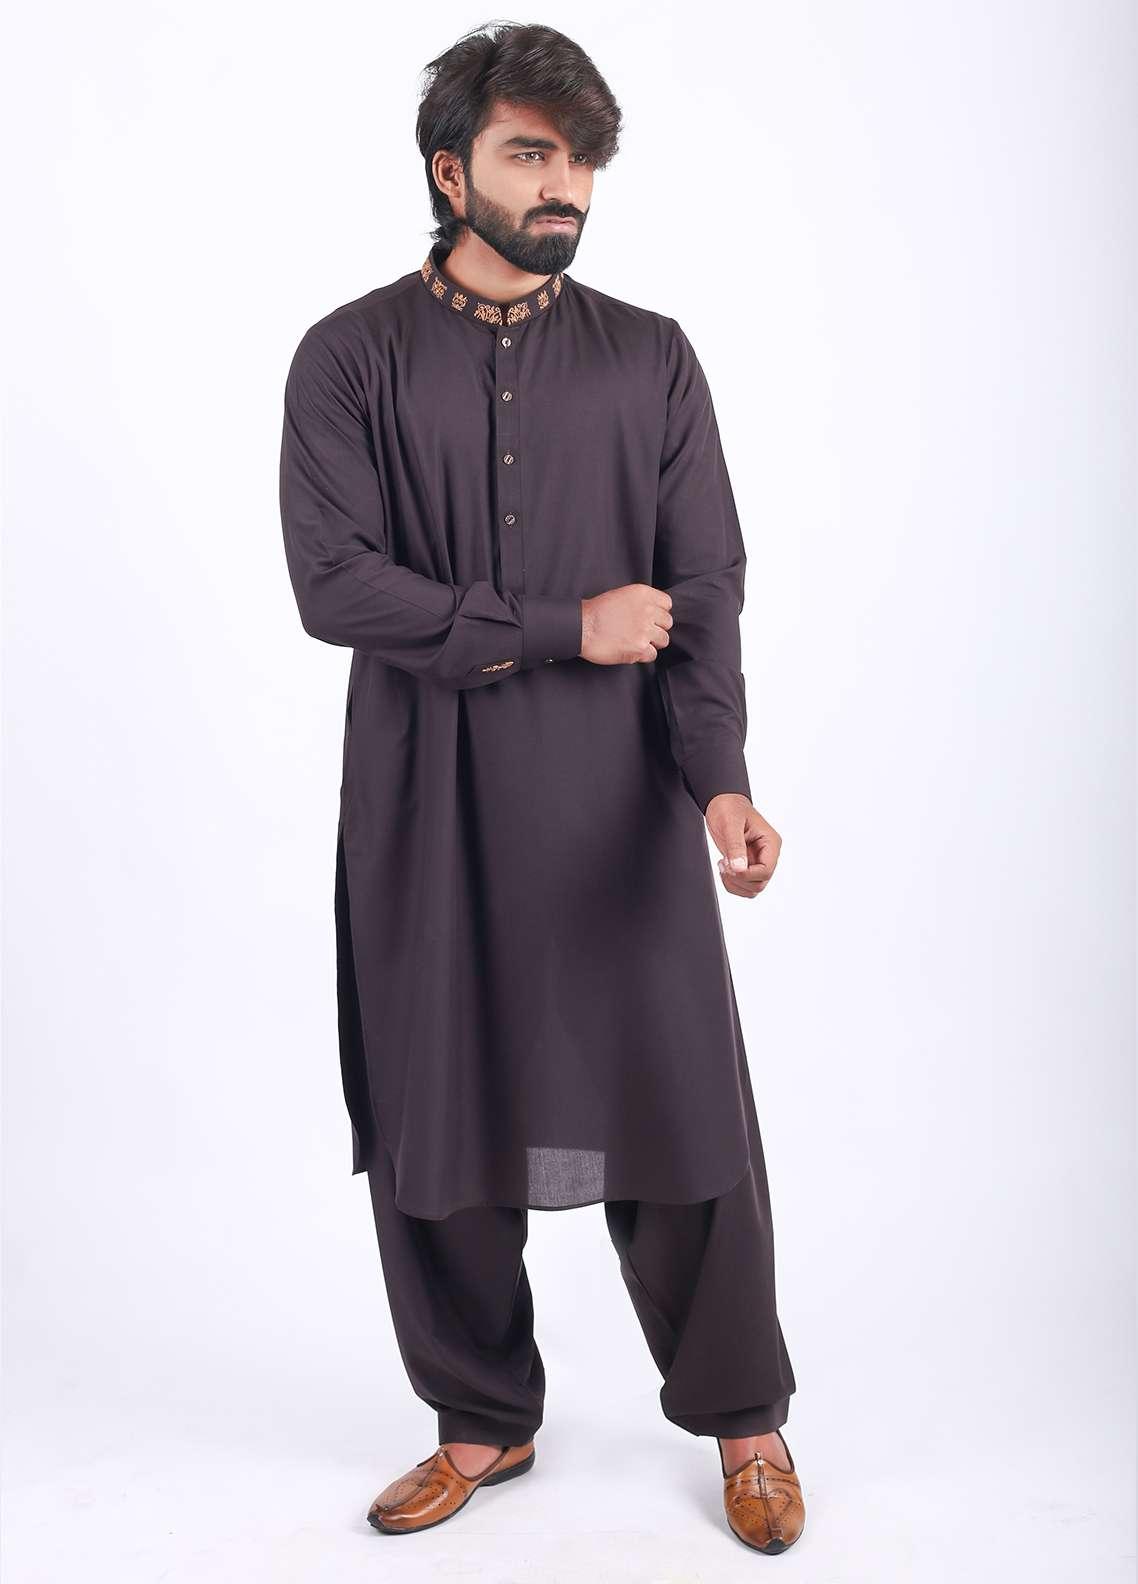 Aizaz Zafar Wash N Wear Embroidered Men Shalwar Kameez - Brown AZ18M 020